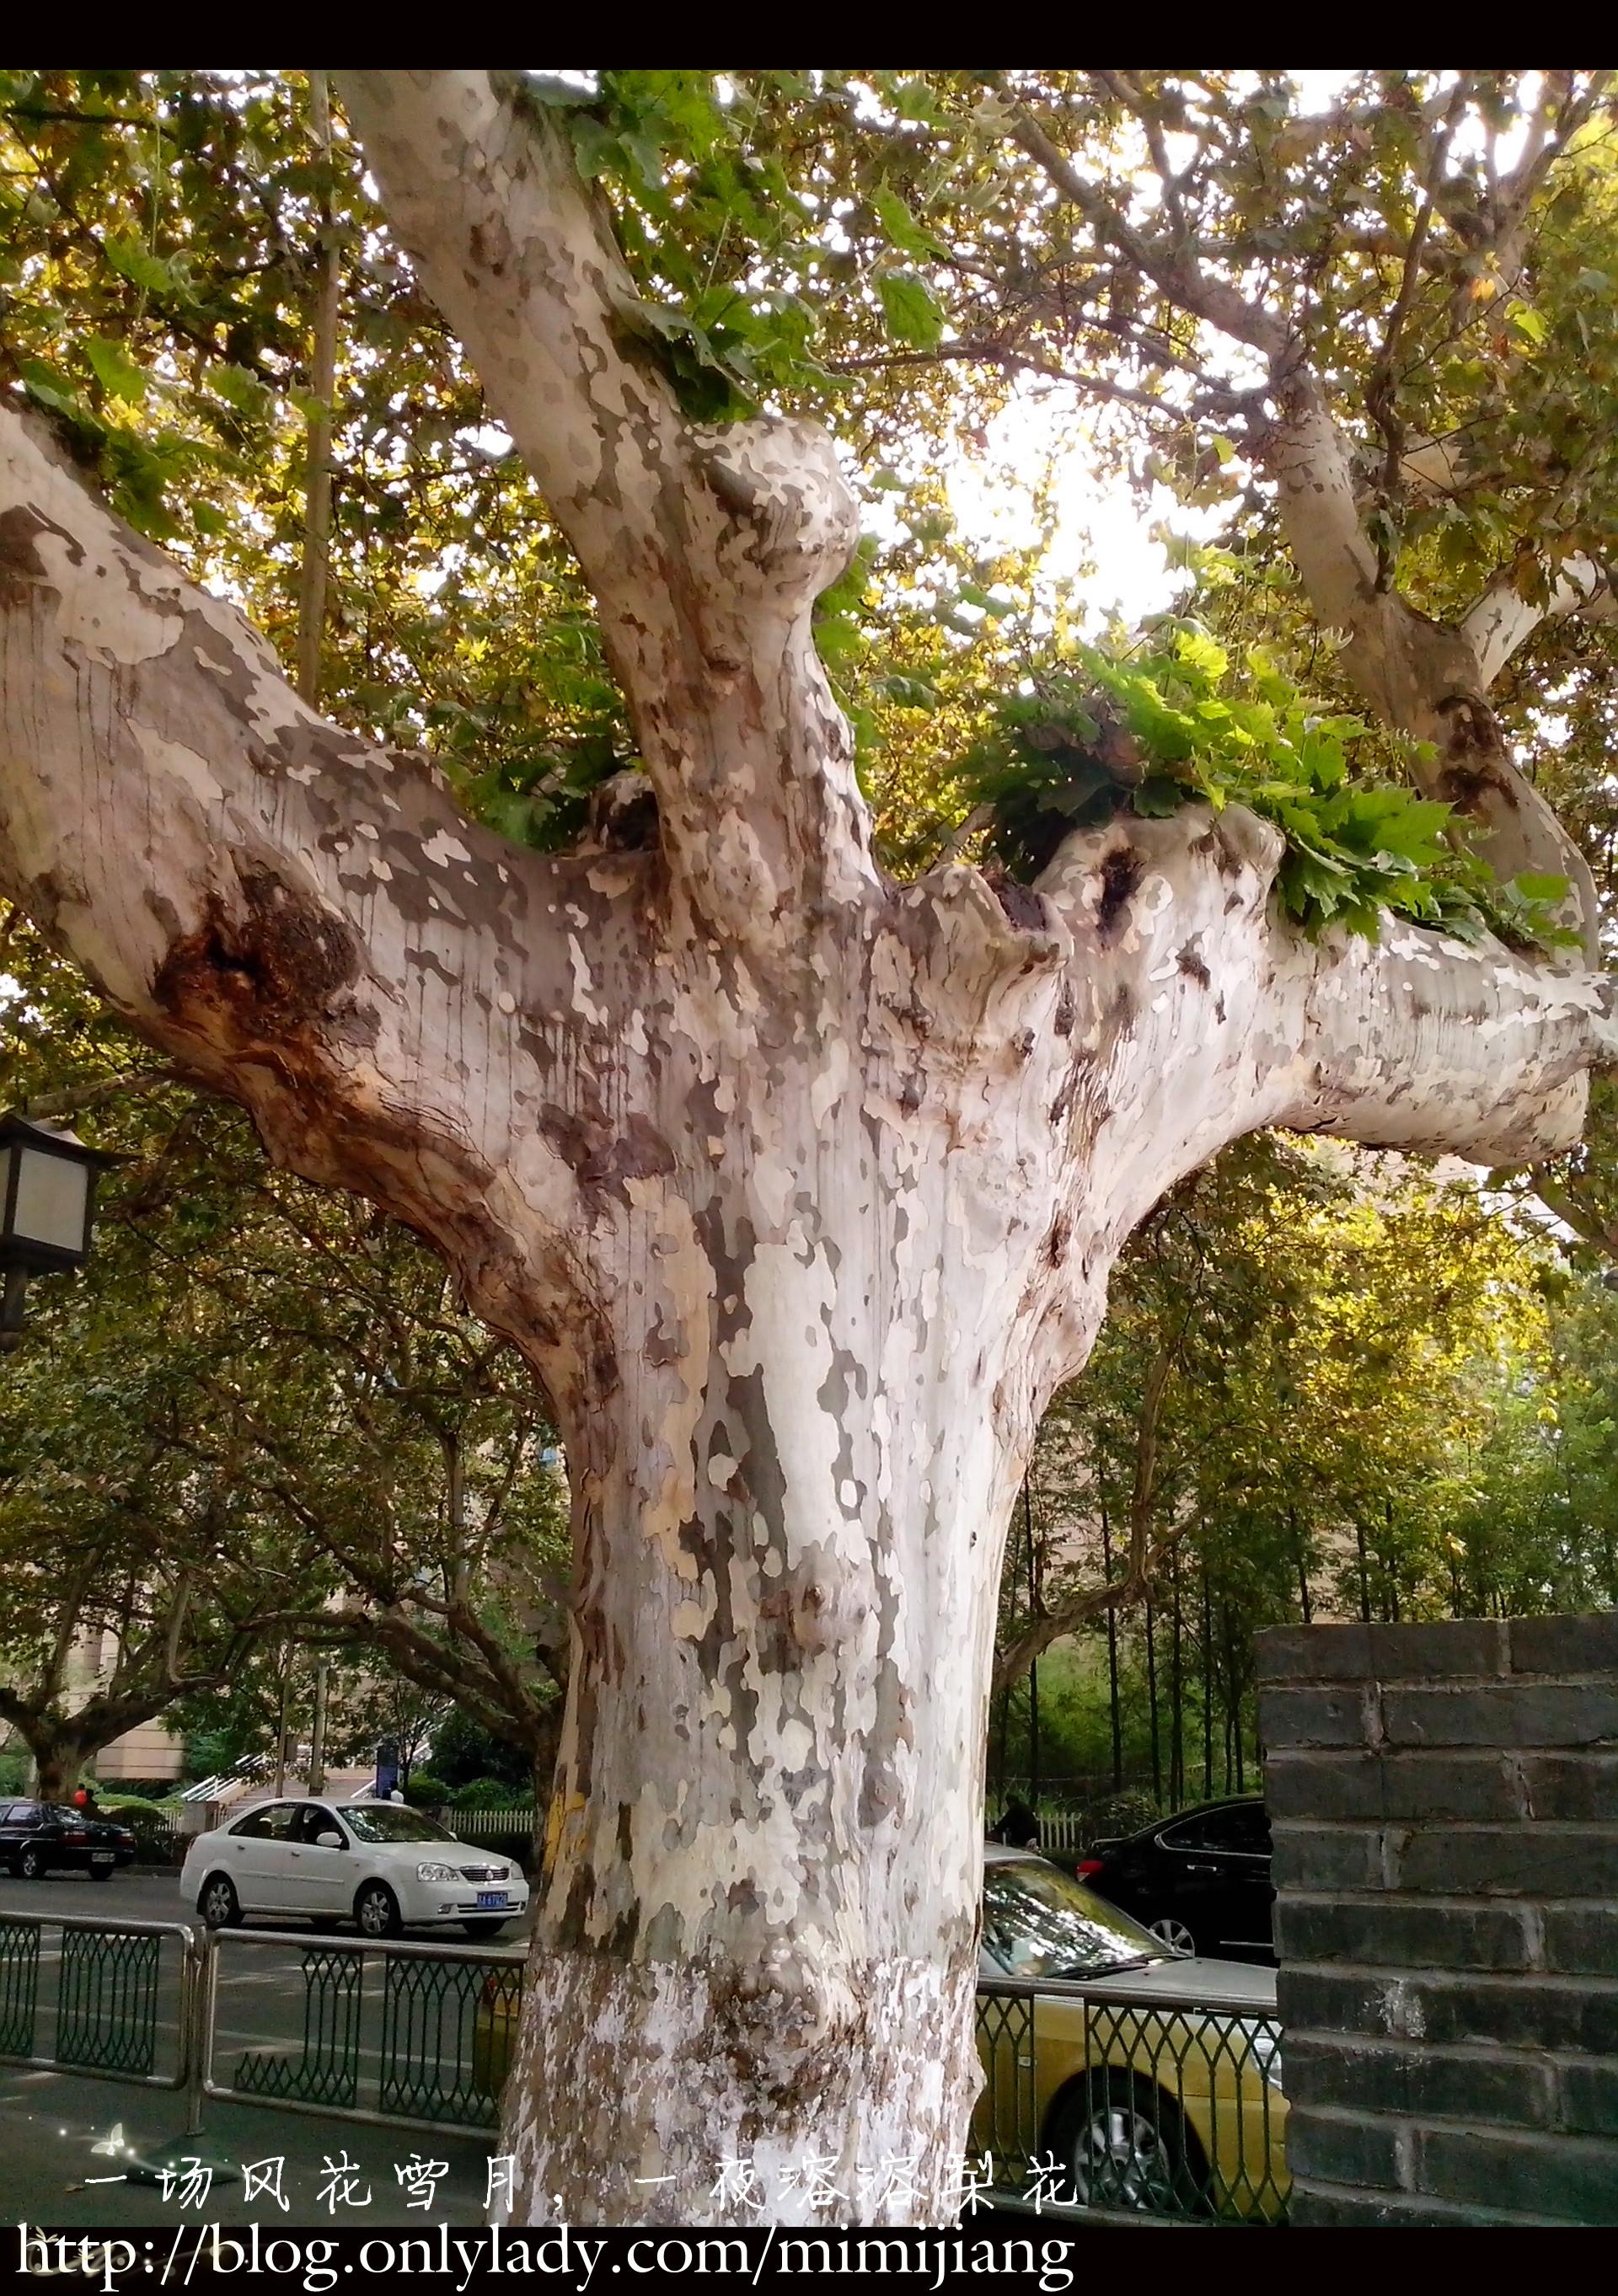 南京路上有很多梧桐树,很遮阳的说